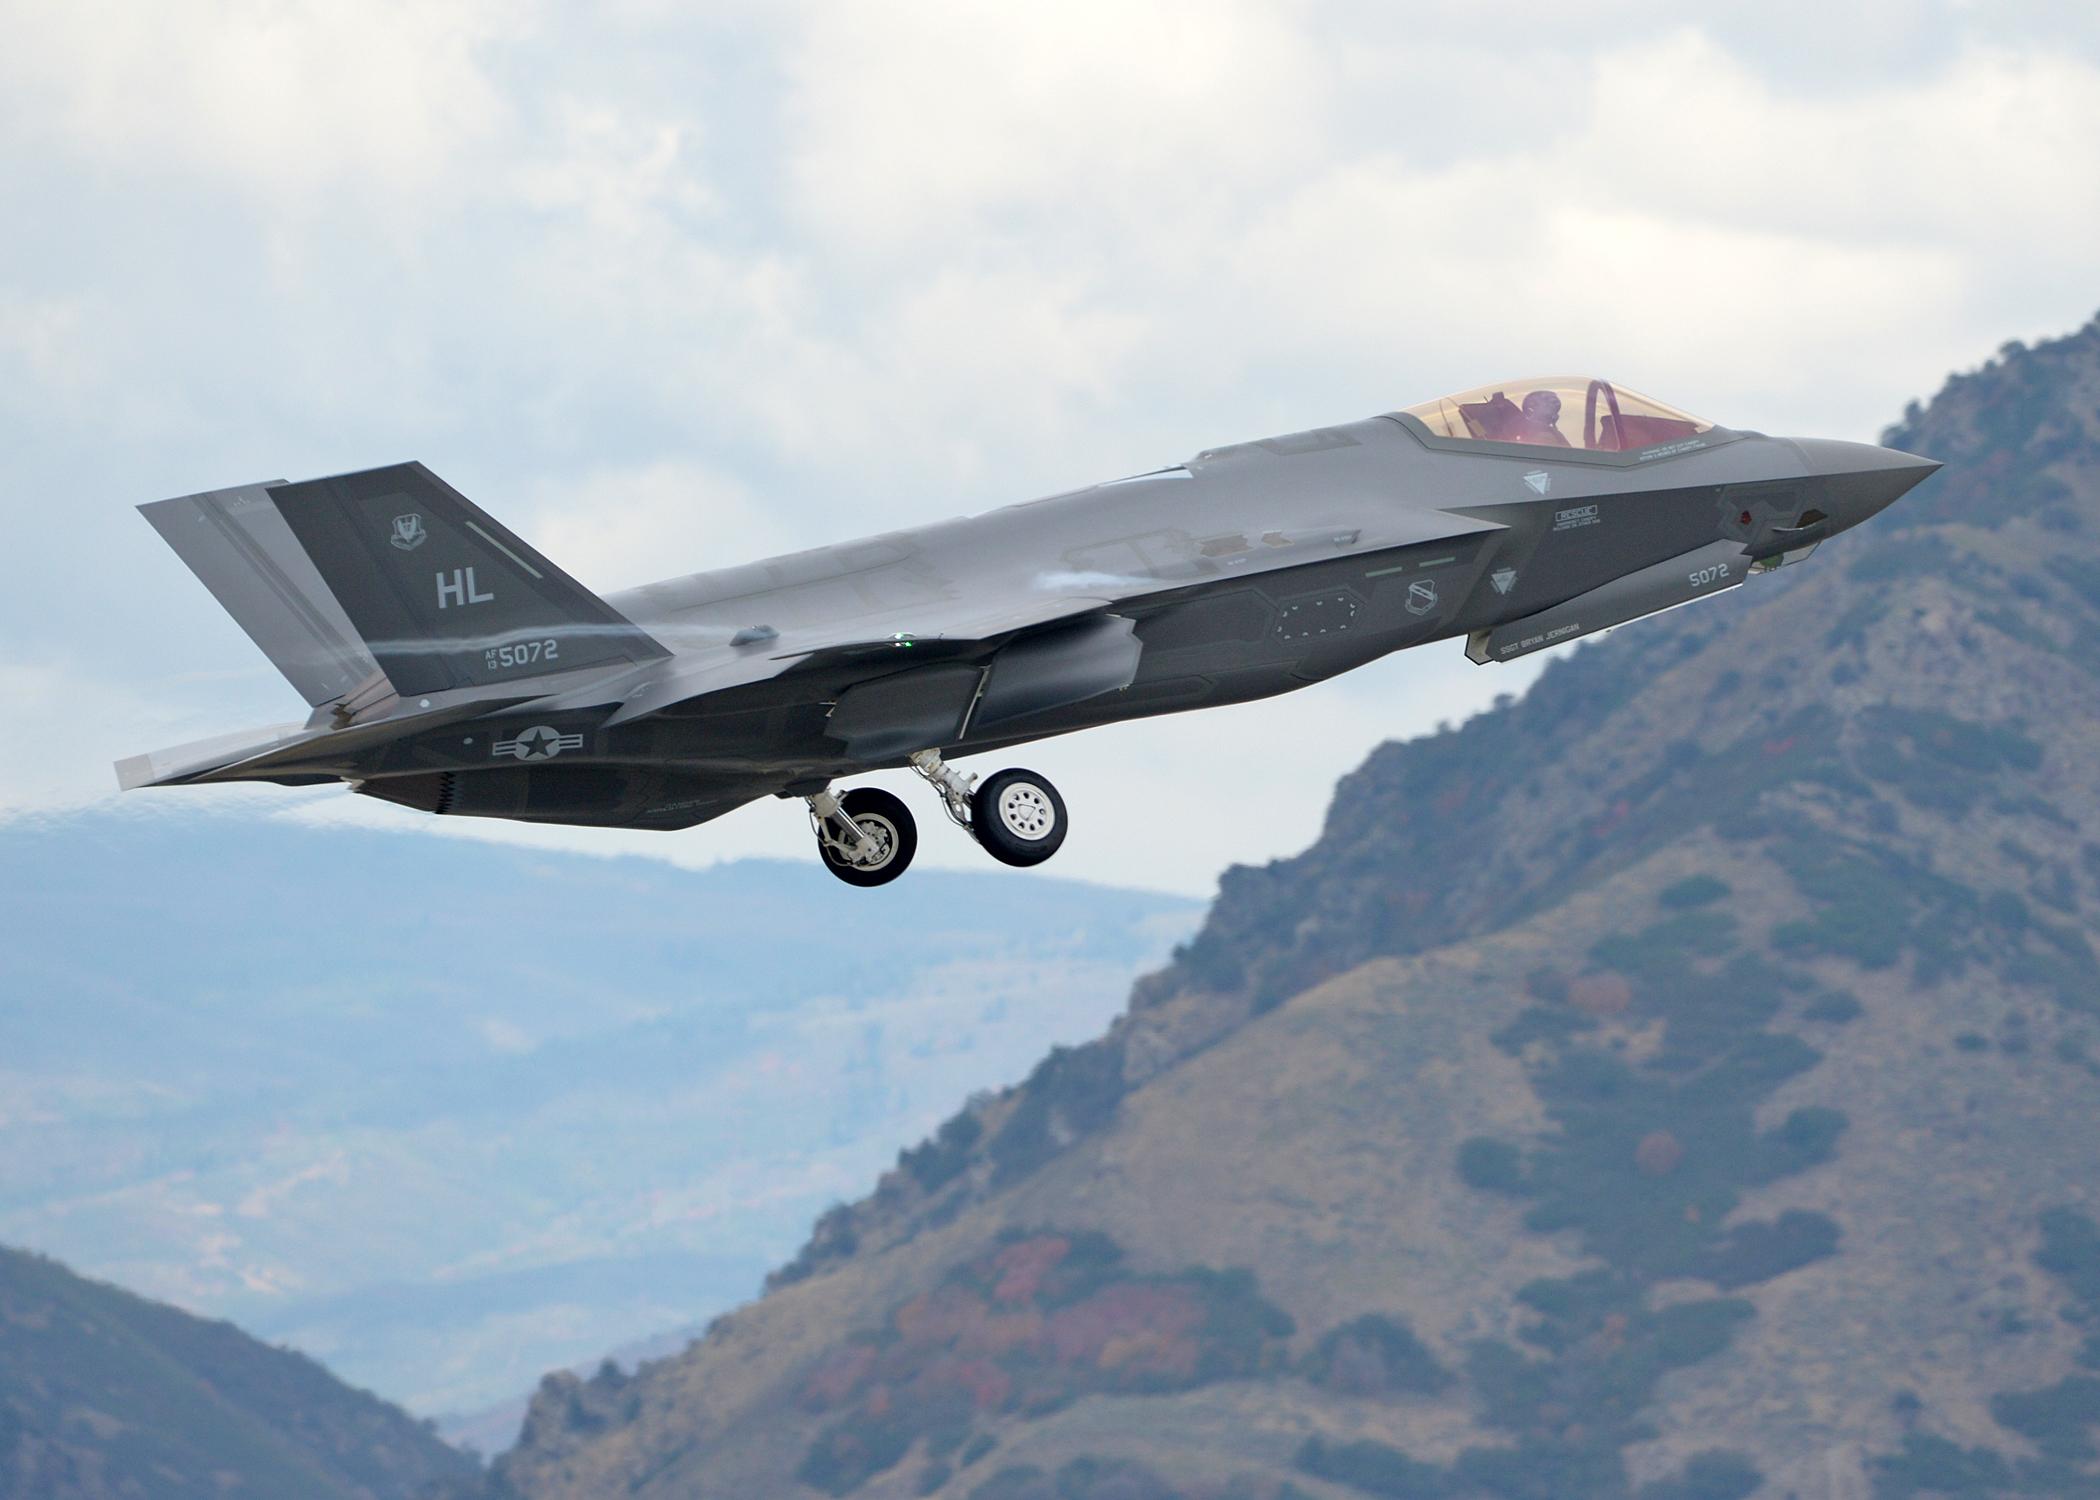 �y�yf�_2015年9月中旬,美国犹他州赫尔空军基地进行f-35a闪电ii第五代战机的